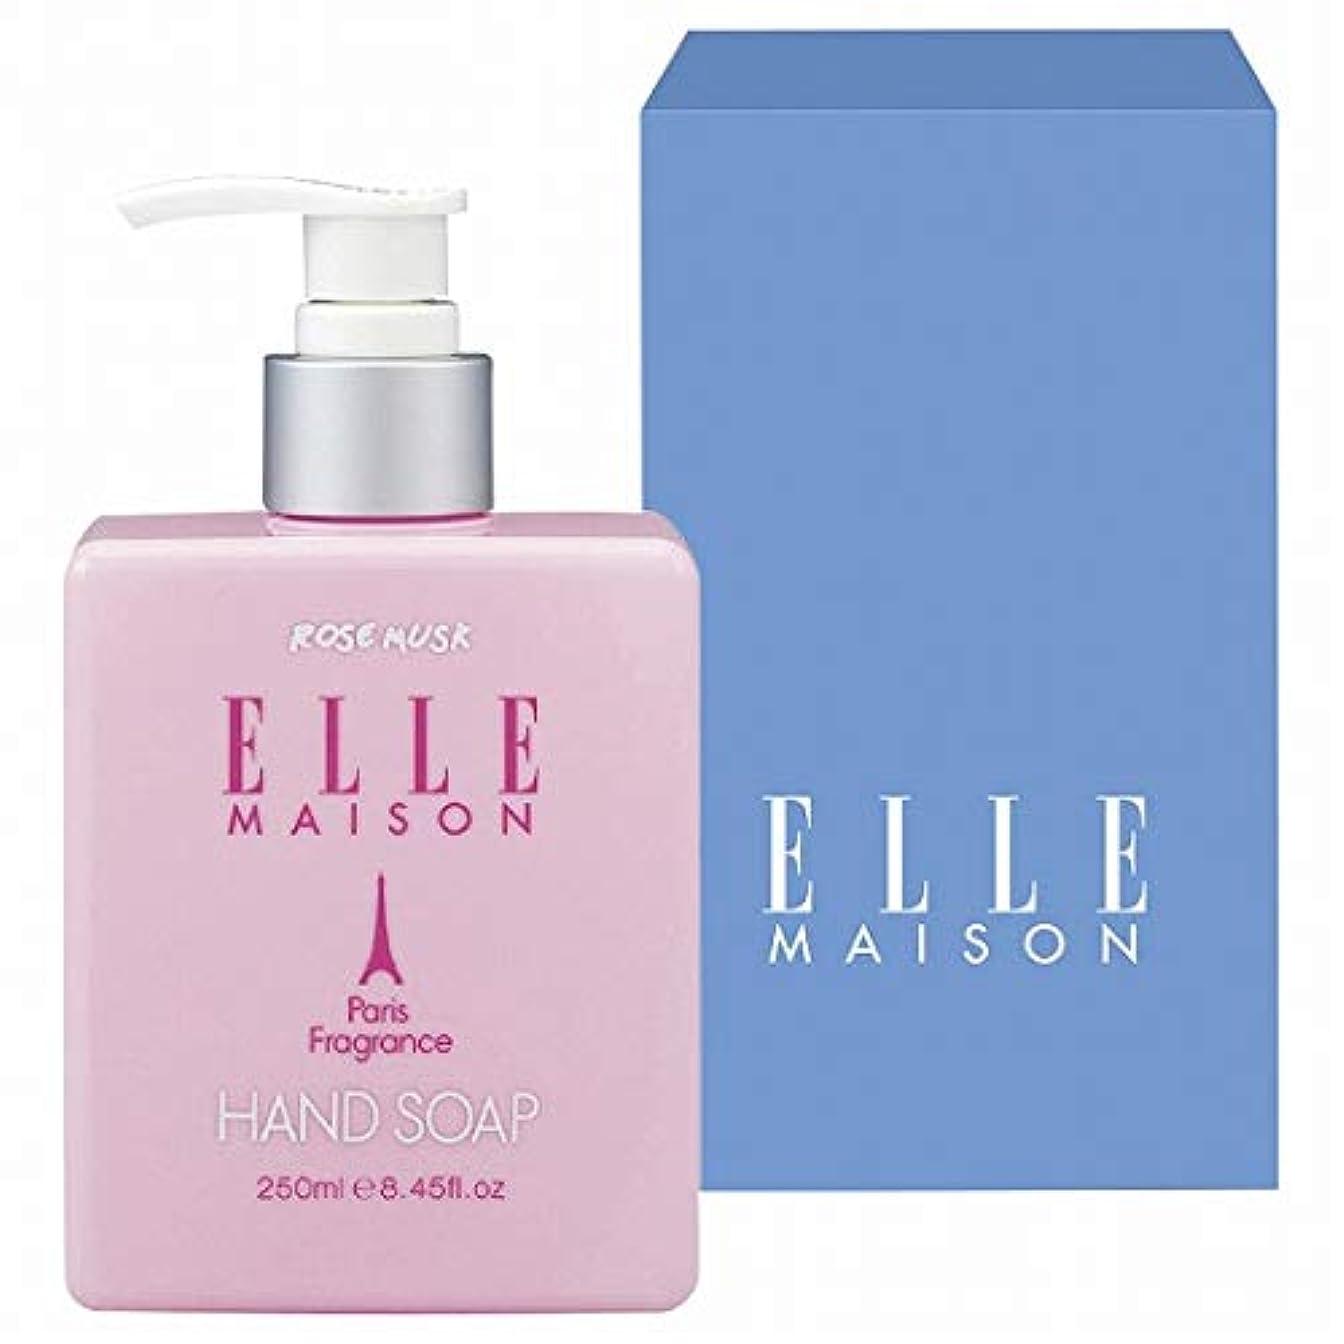 一回ために予想外エルマイソン(ELLE MAISON) ELLE MAISON 薬用ハンドソープ